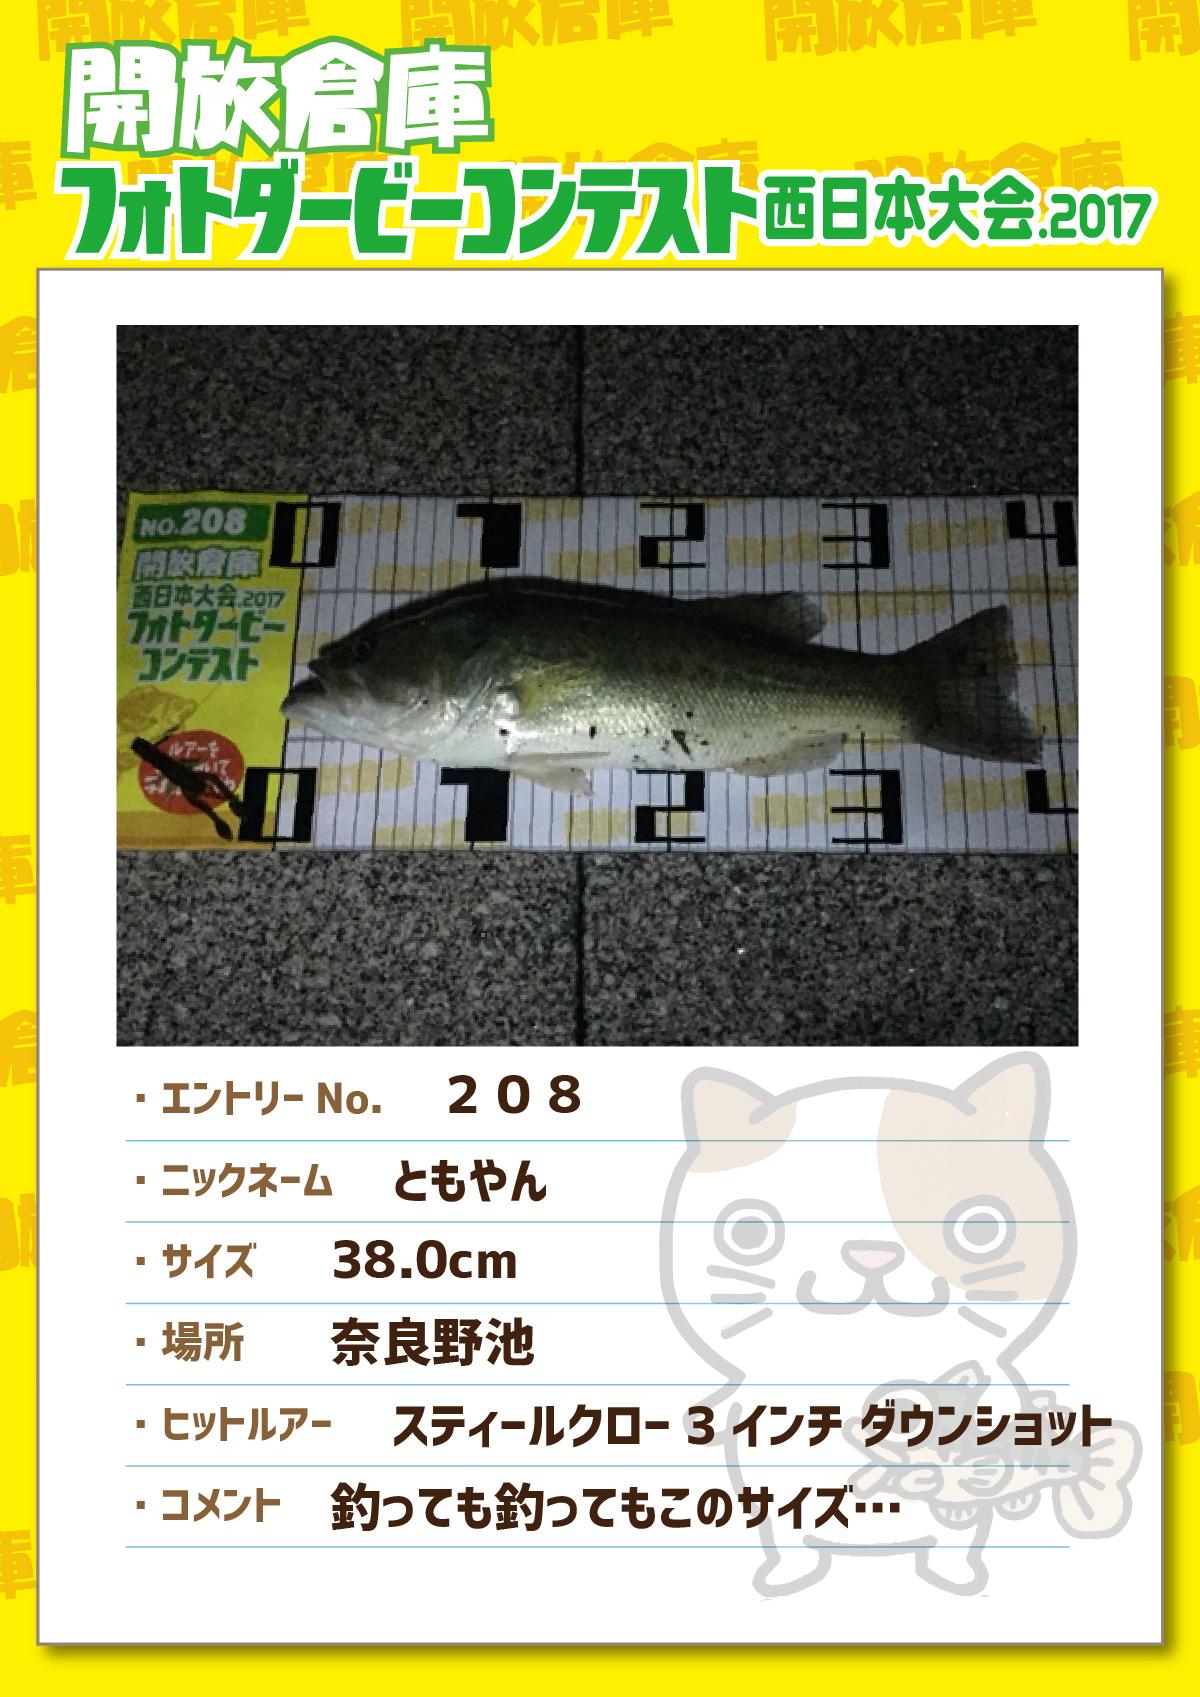 No.208 ともやん 38.0cm 奈良野池 スティールクロー3インチダウンショット 釣っても釣ってもこのサイズ…